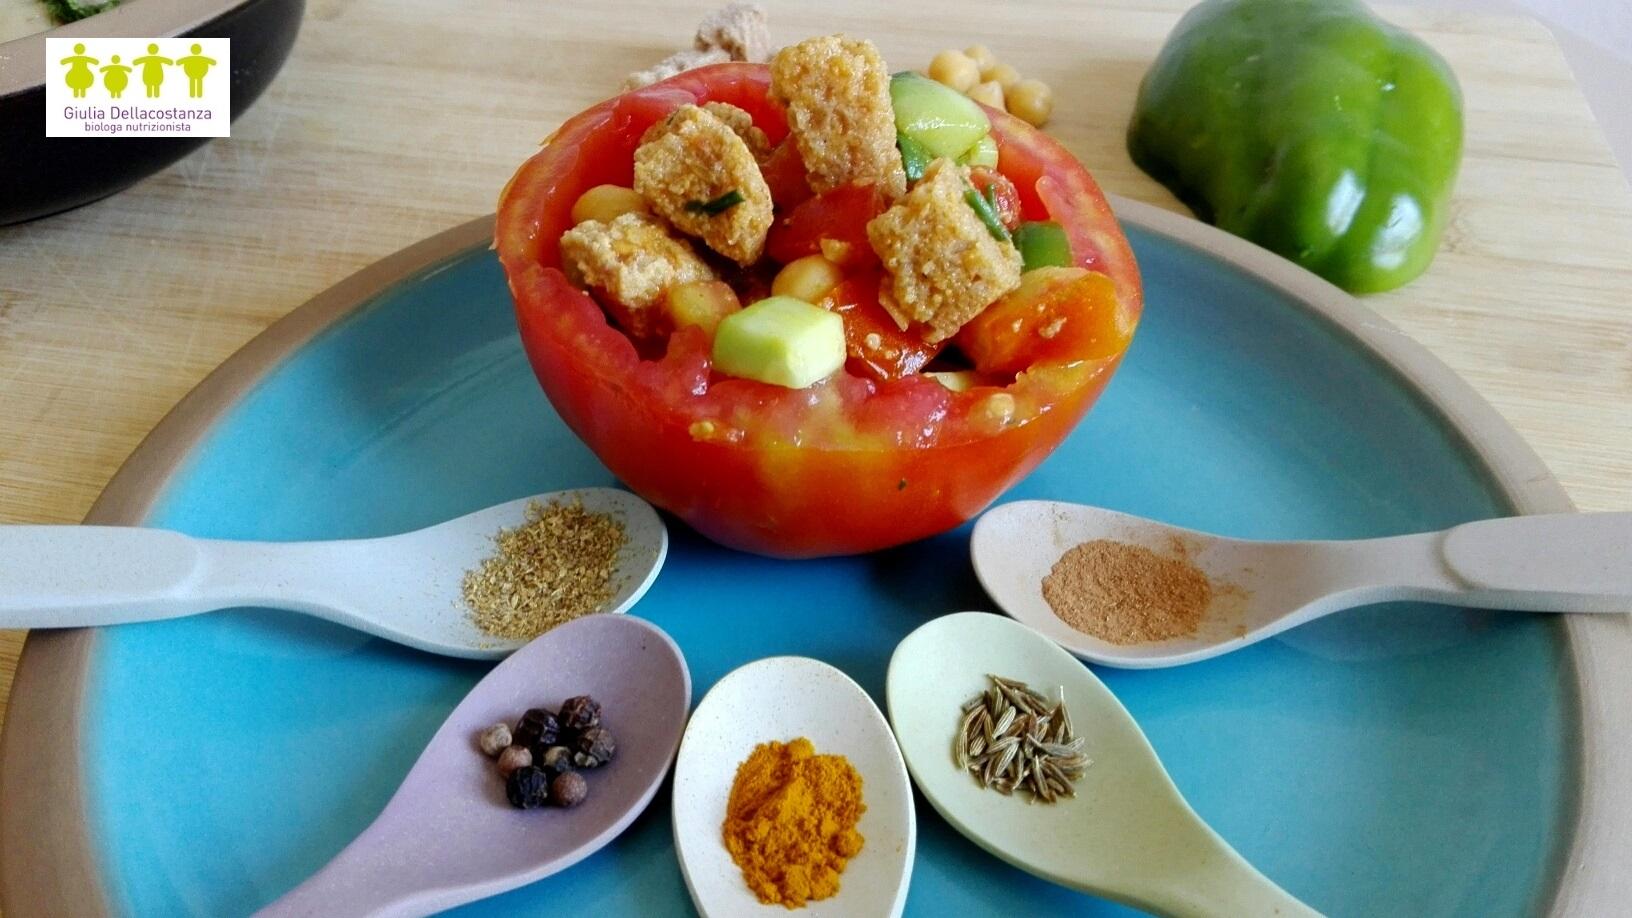 Pomodoro cuore di bue riempito con cubetti di pane raffermo, ceci lessati, cetriolo, cipolla e curry.